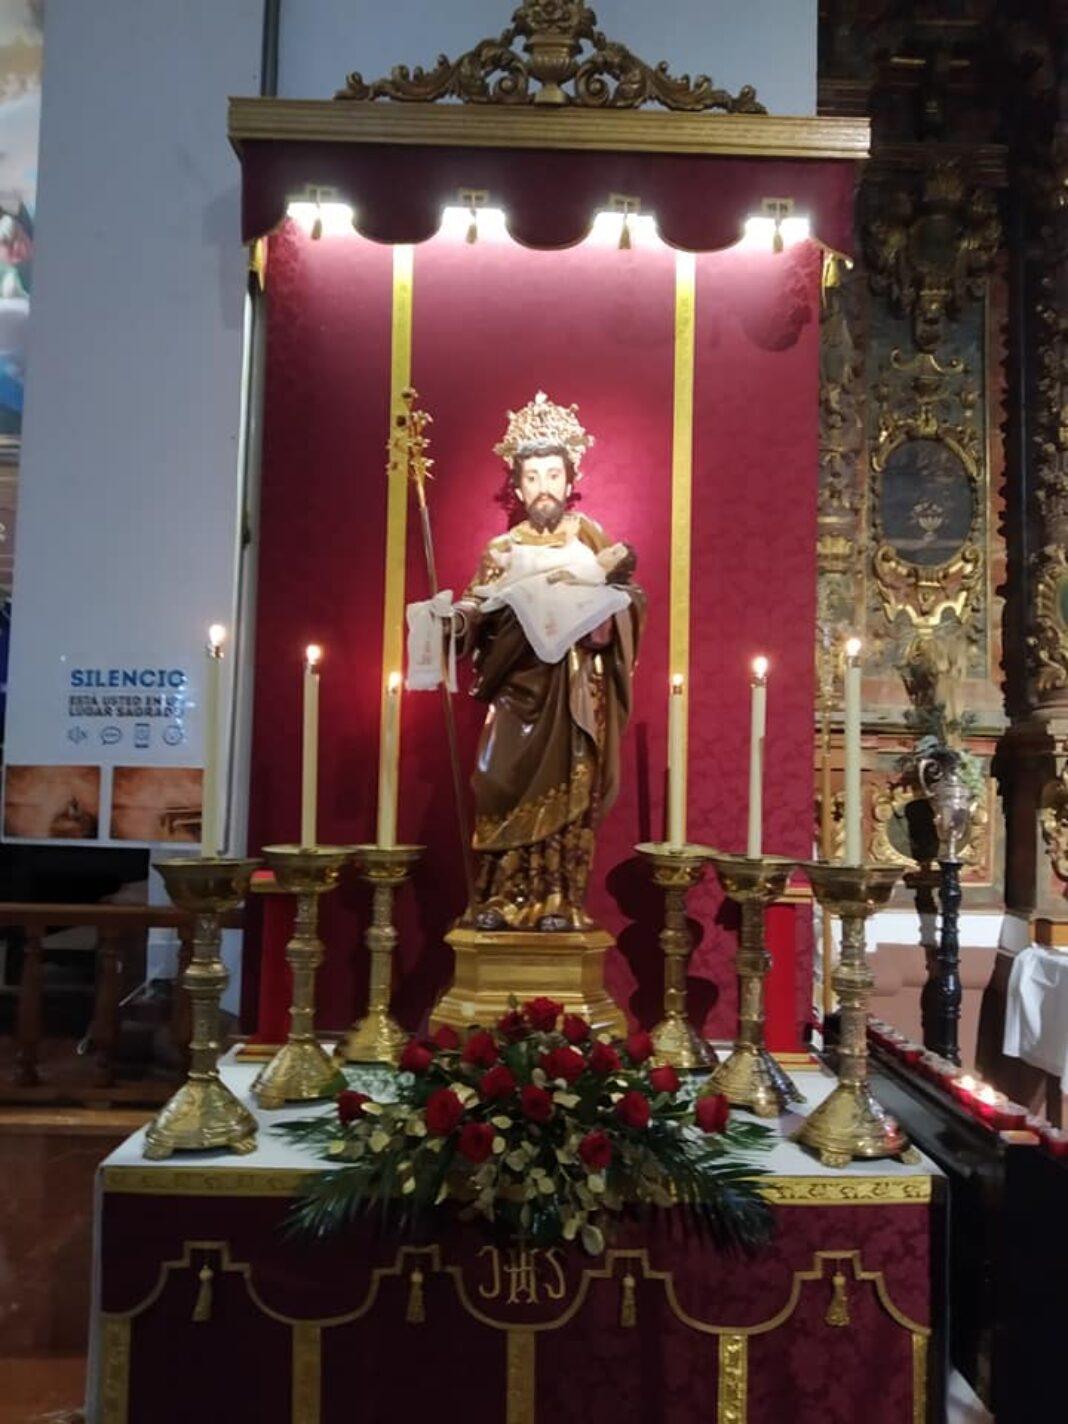 San José en la parroquia de Herencia para conmemorar el 150 aniversario del patronazgo de la advocación sobre la Iglesia Católica 1